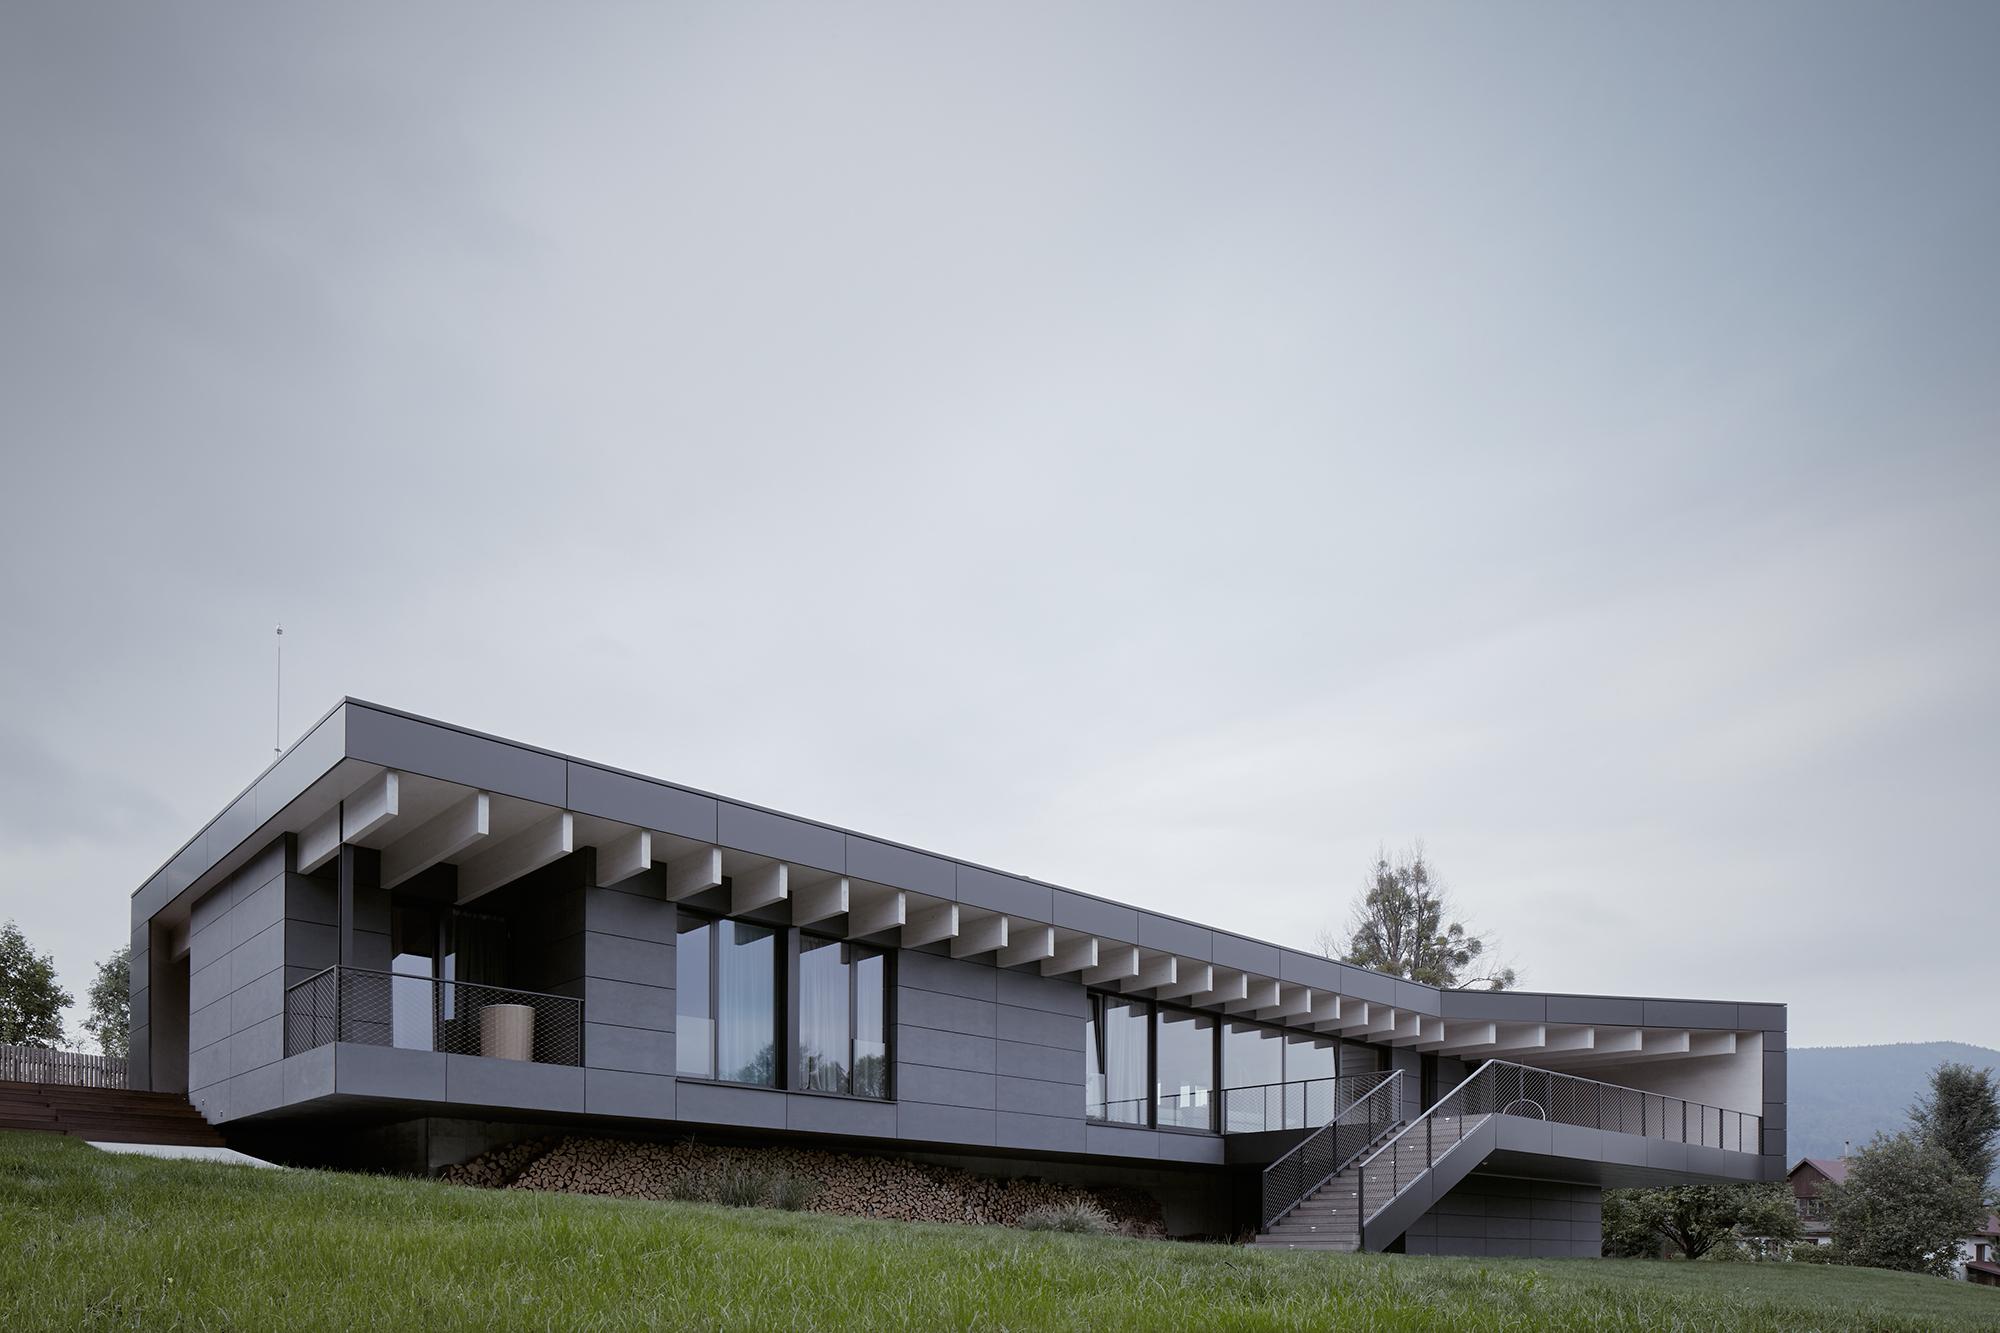 09_Letni_dum_Celadna_CMC_architects_BoysPlayNice.jpg